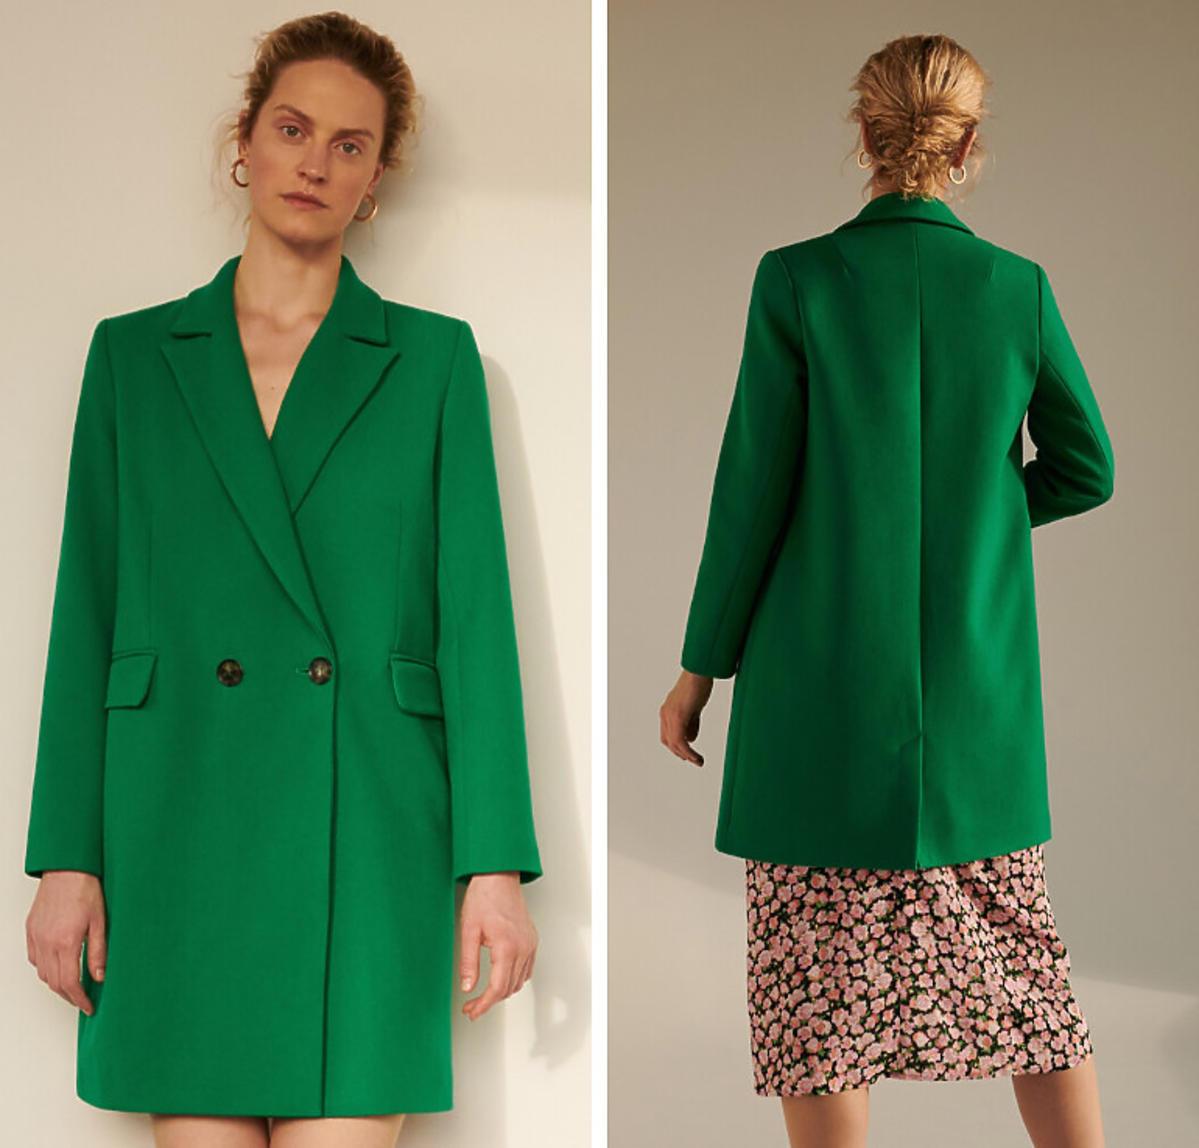 Zielony płaszcz Reserved cena 299 zł